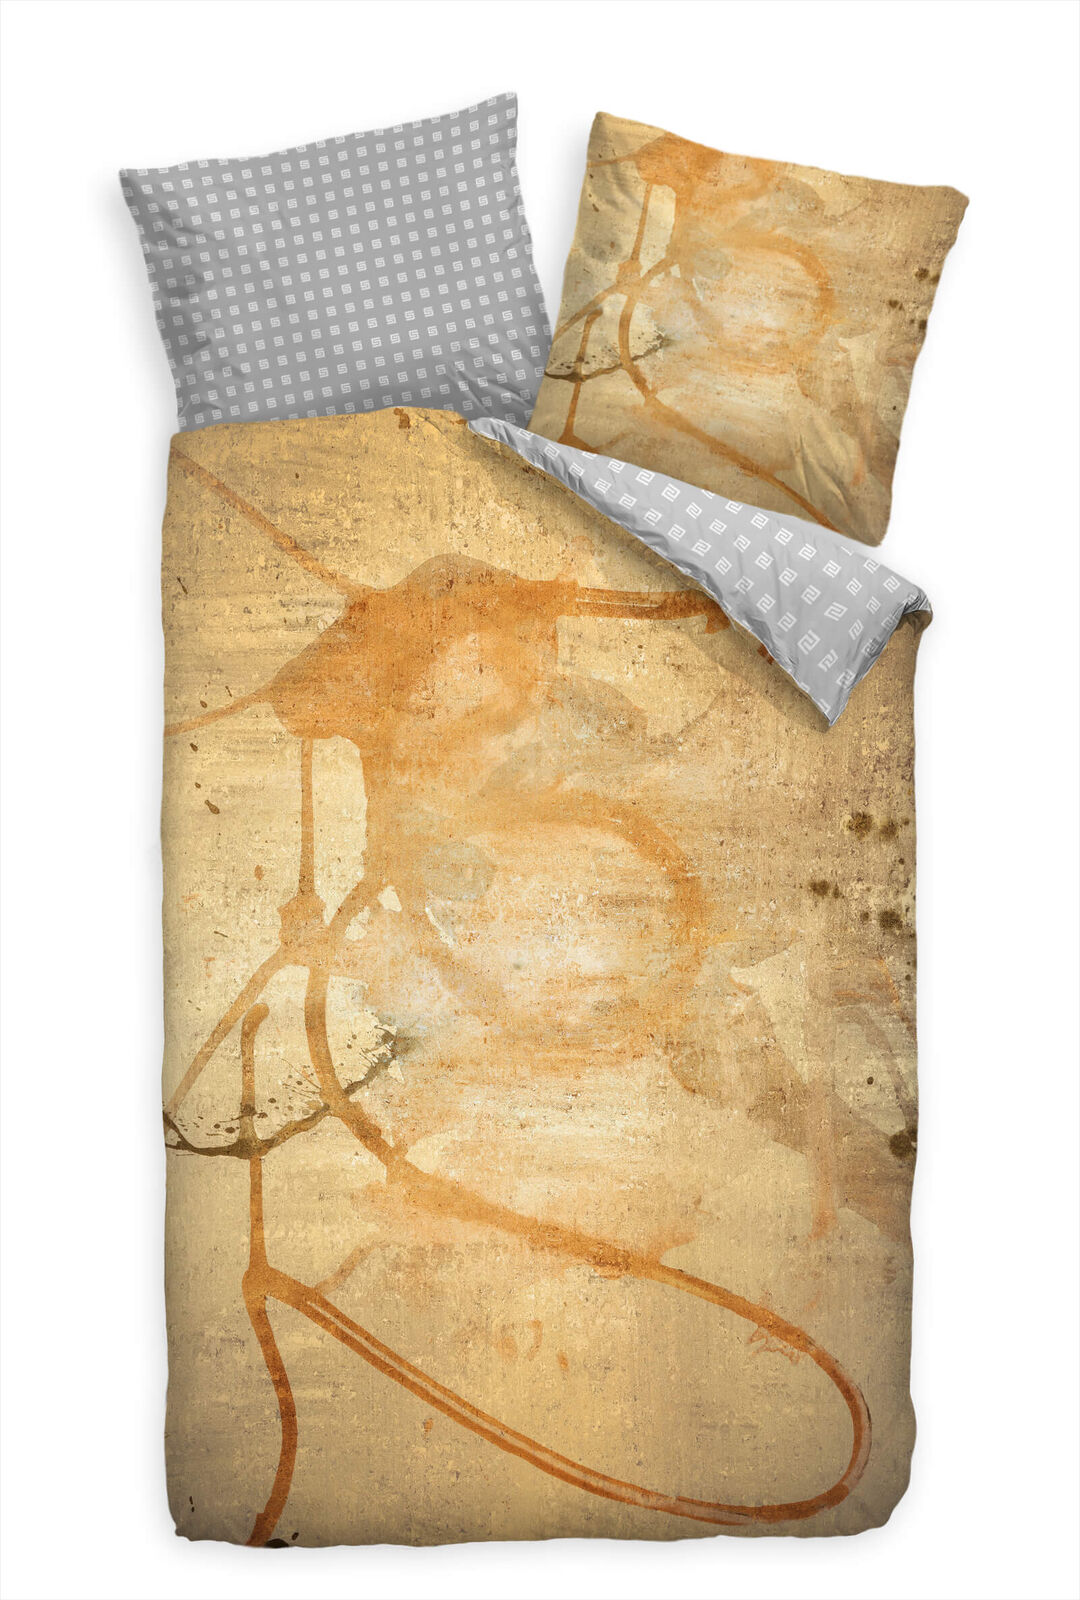 Bettwäsche Set 135x200 cm  80x80cm hochwertige Atmungsaktive Hypoallergen | Sehr gelobt und vom Publikum der Verbraucher geschätzt